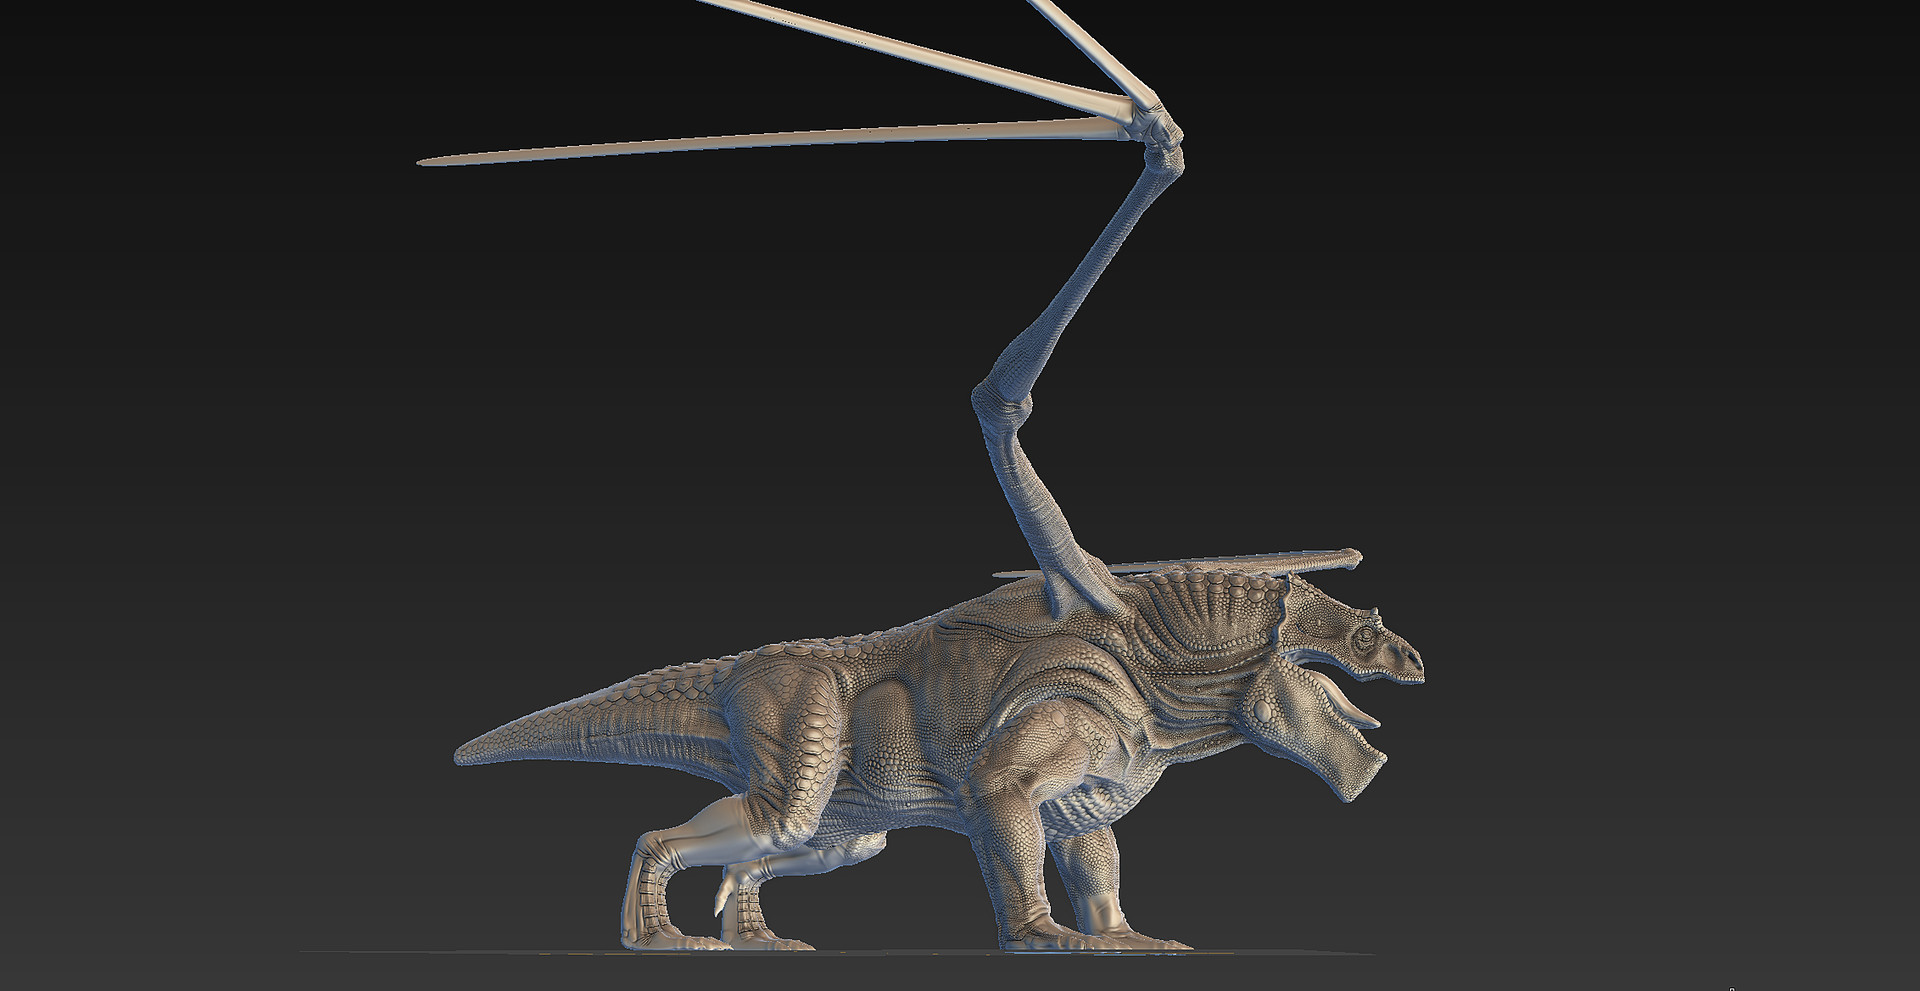 Cian o reilly dragonlatest01